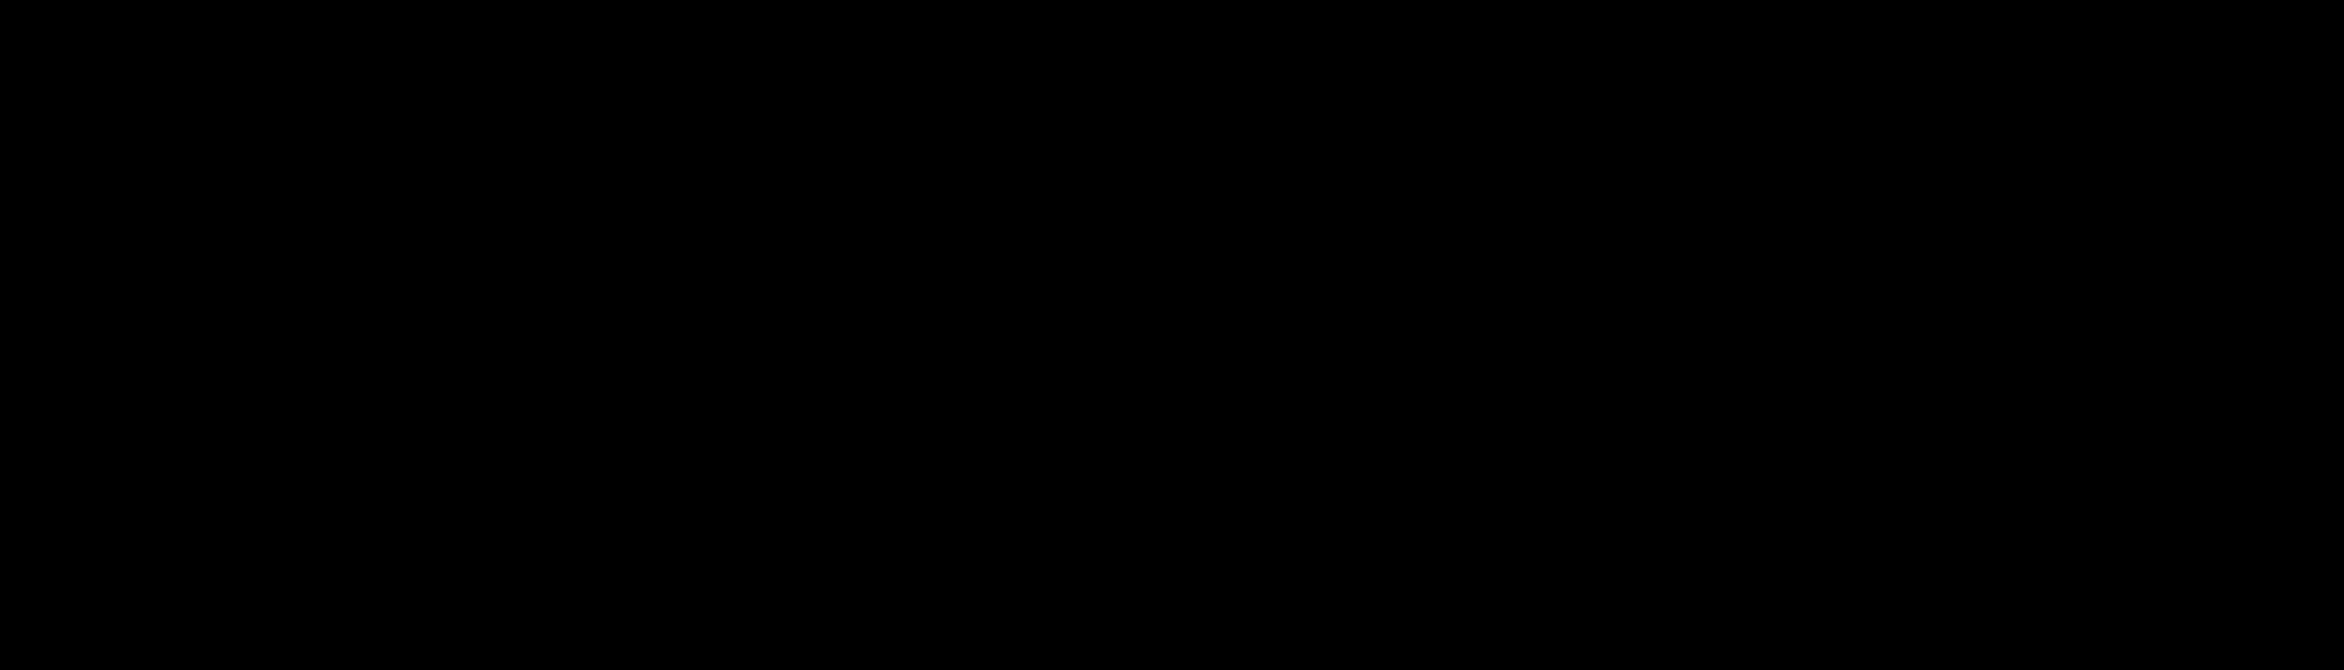 Regorafenib-d<sub>3</sub>